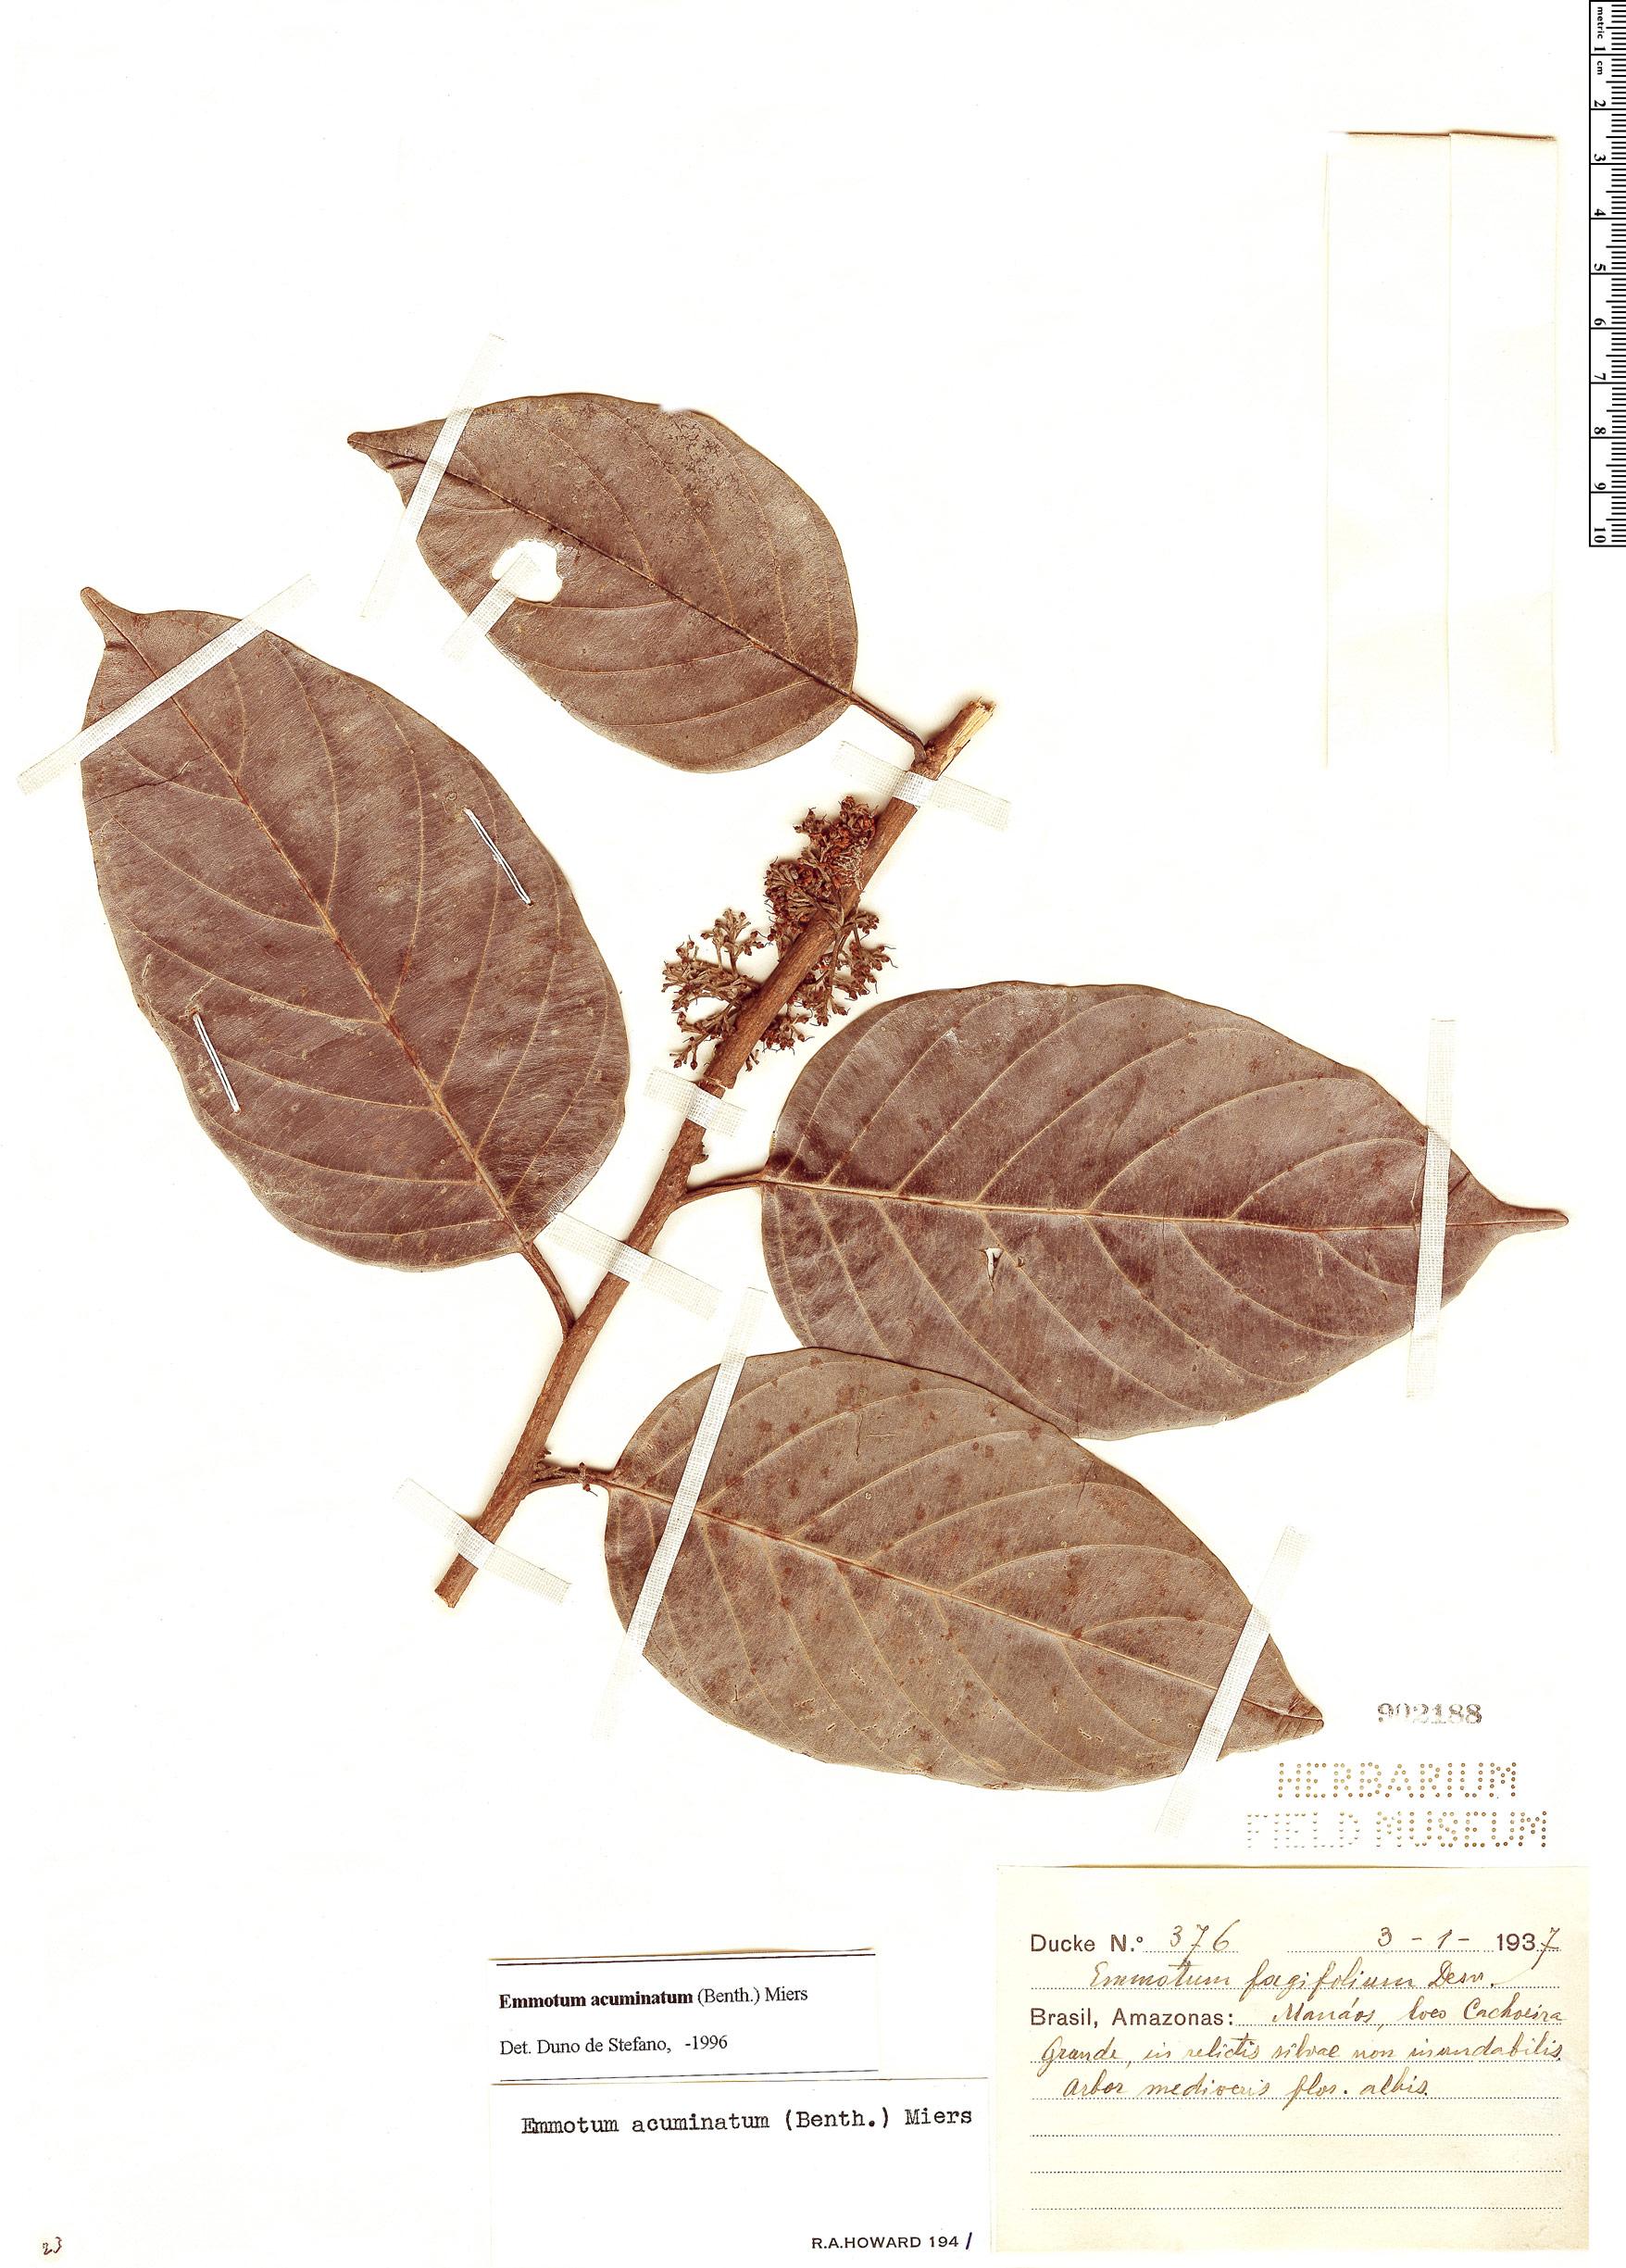 Specimen: Emmotum acuminatum